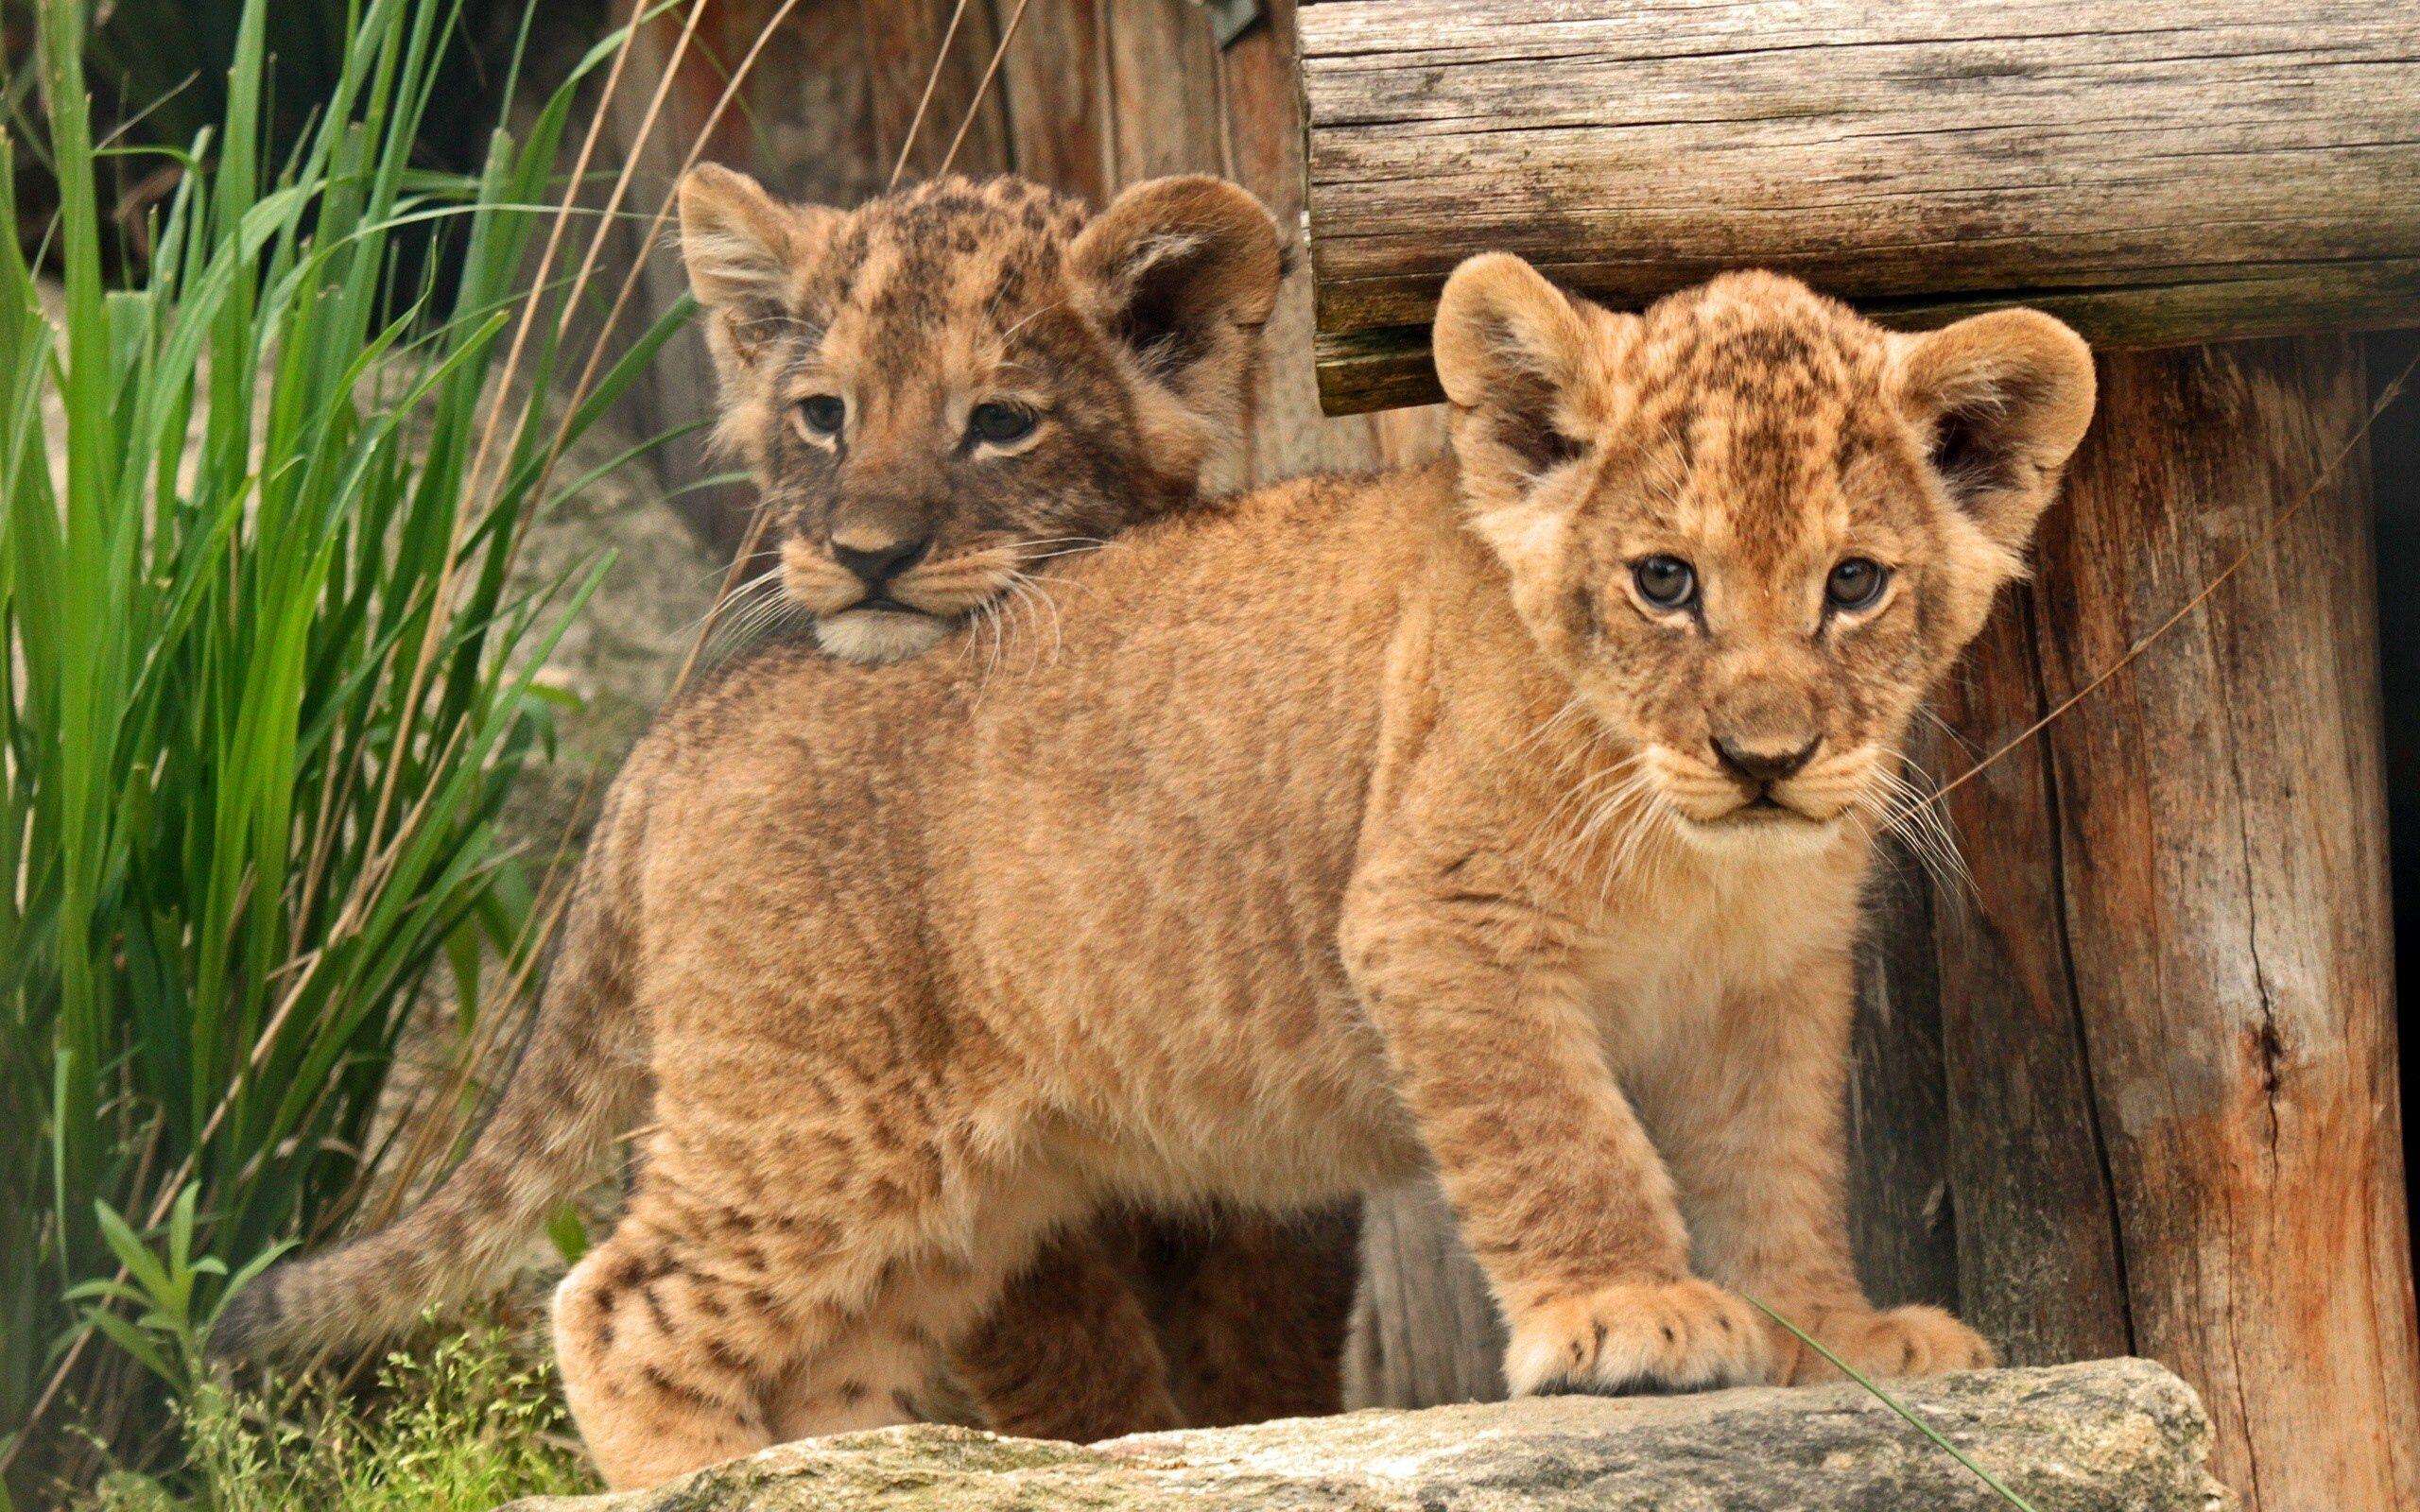 56440 Hintergrundbild herunterladen Tiere, Kinder, Junge, Ein Löwe, Löwe, Joey, Kleinkinder, Löwenjunges - Bildschirmschoner und Bilder kostenlos